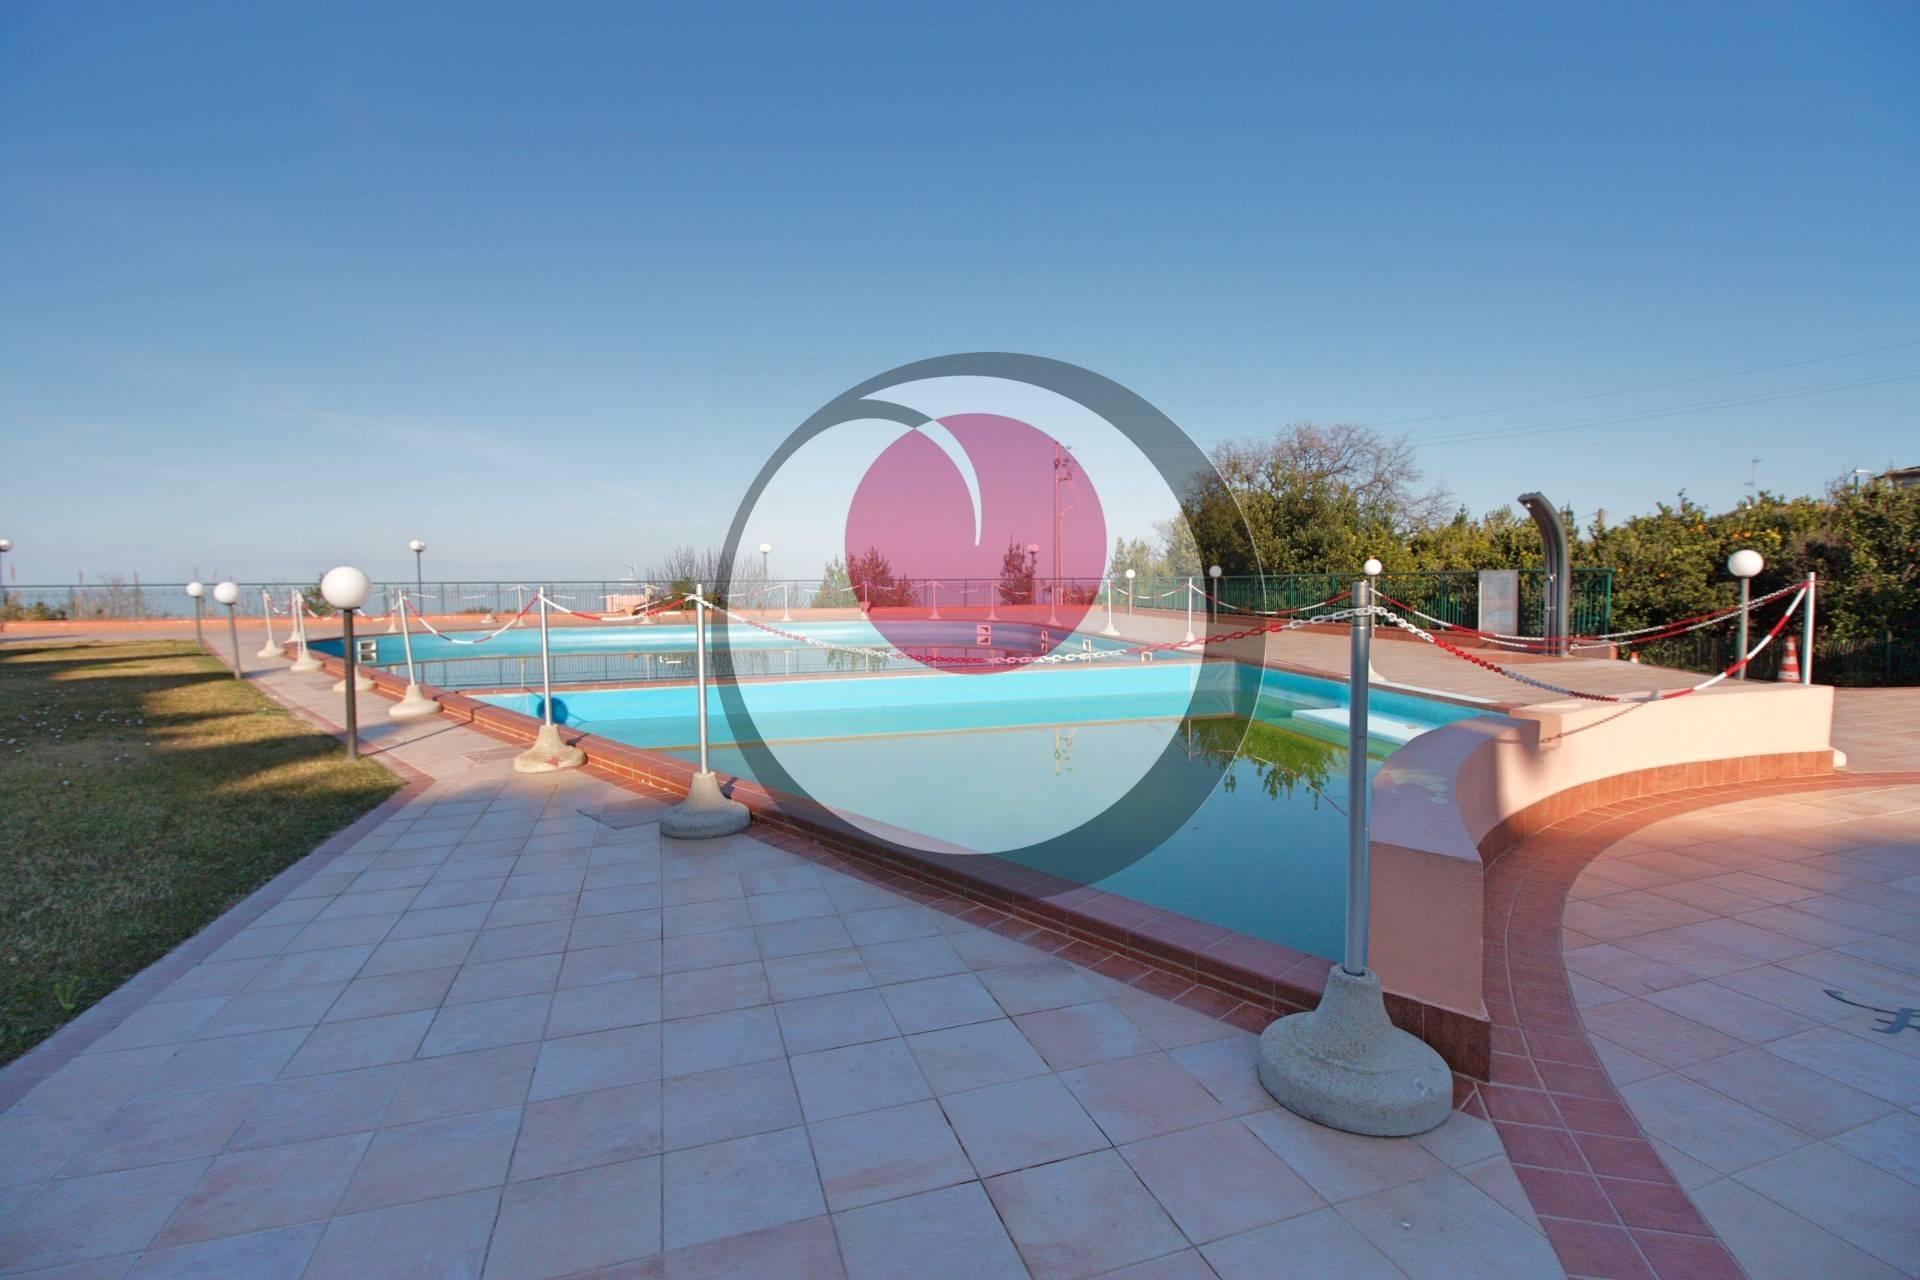 Appartamento in vendita a Rocca San Giovanni, 3 locali, prezzo € 118.000 | PortaleAgenzieImmobiliari.it